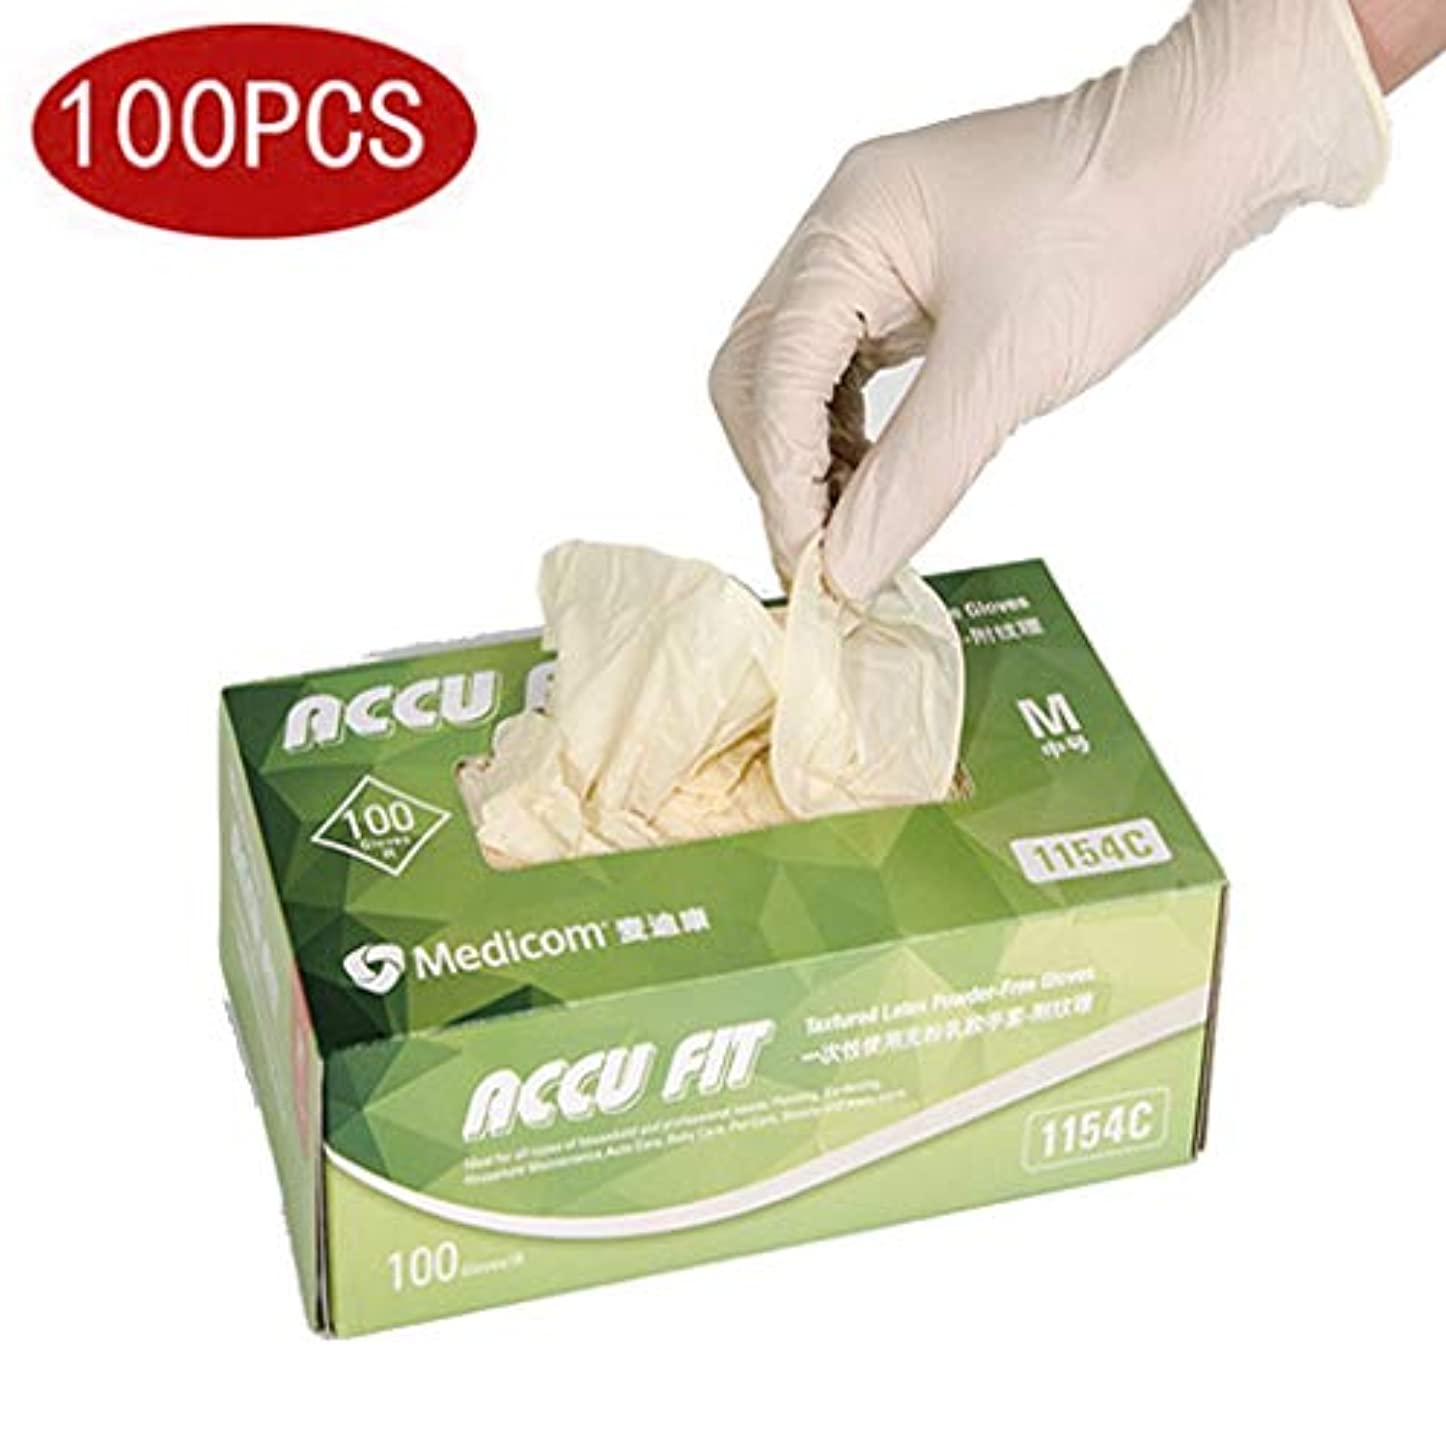 誇りアルバニー平和9インチ使い捨てラテックス手袋、箱入り、パウダーフリーゴム、滑り止めの清掃、労働保険検査用手袋|100の病院ボックスのプロフェッショナルグレード (Size : S)